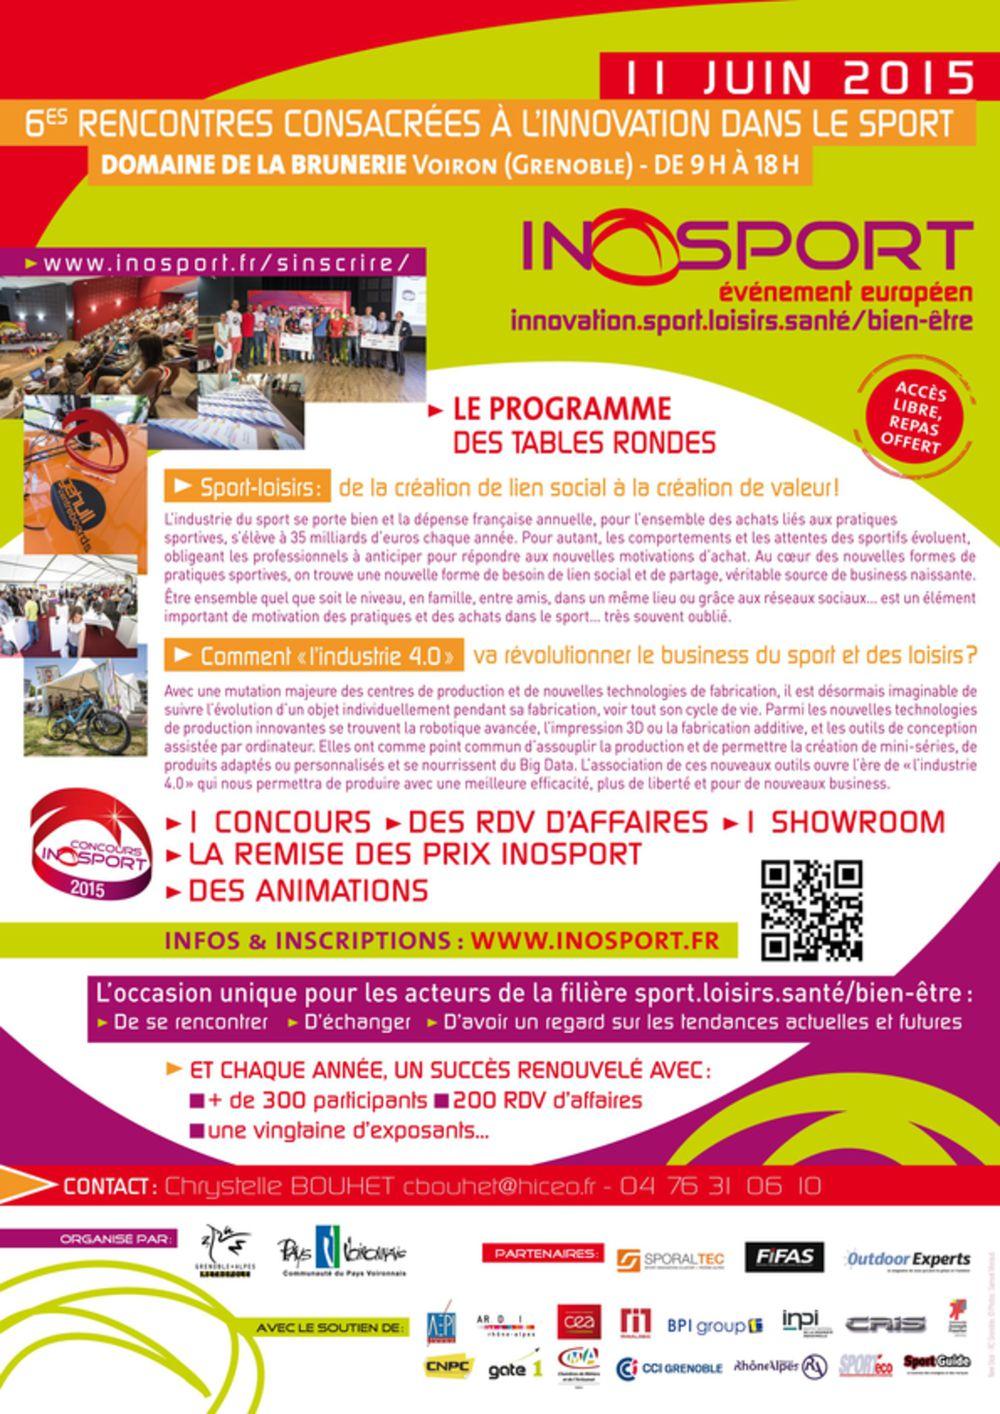 Les inscriptions Inosport 2015 sont ouvertes !